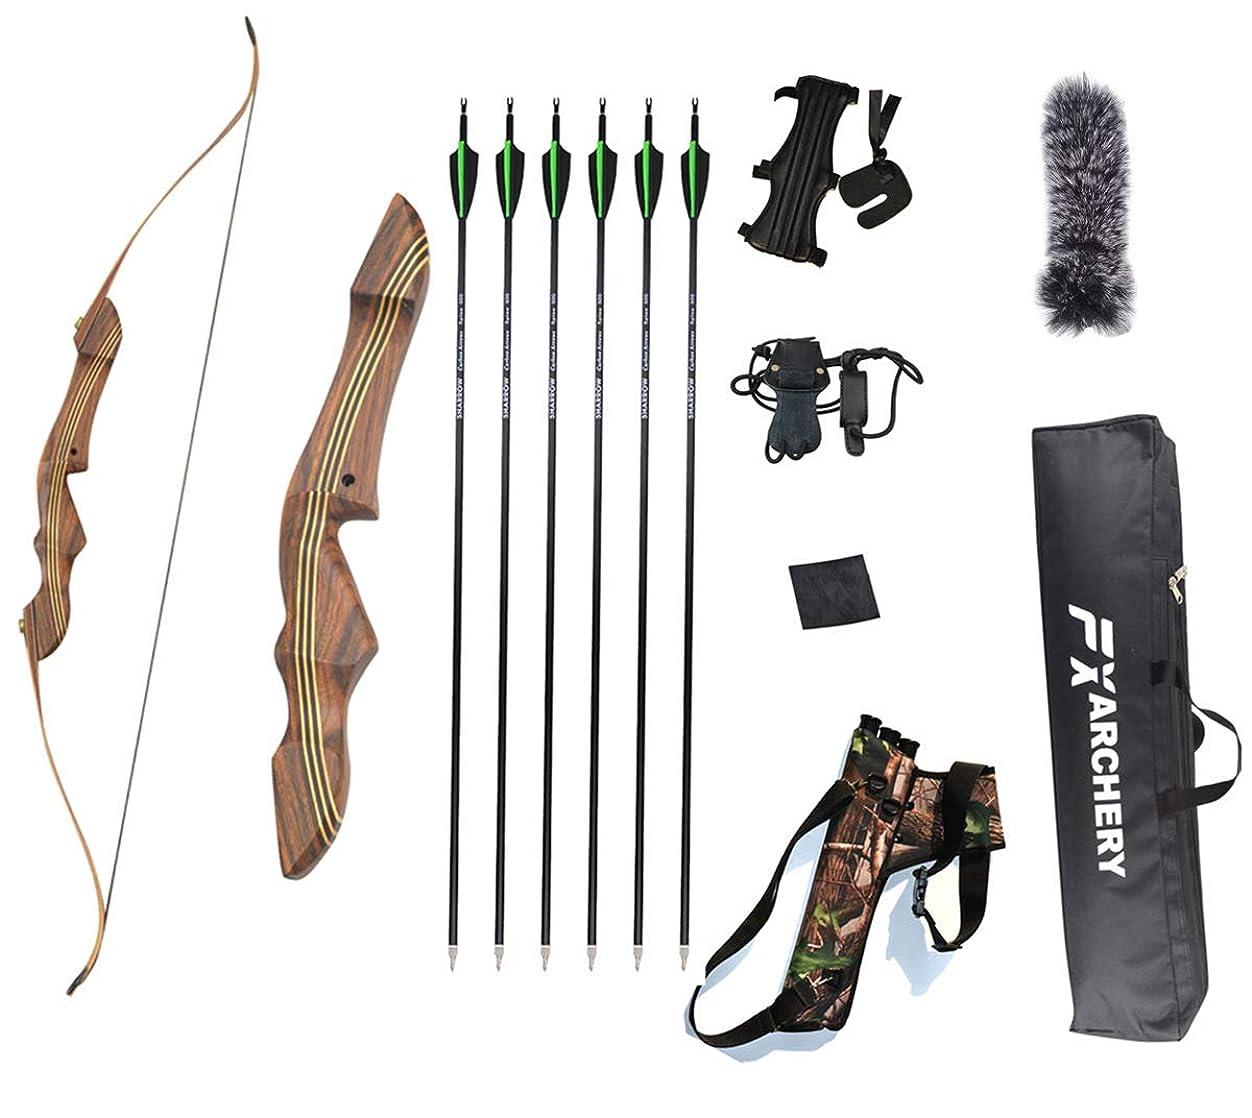 微妙ウガンダグレードMILAEM 20~55LBS 60インチ リカーブボウ 狩猟弓 アーチェリーセット 弓道練習専用弓 弓バッグ 矢筒 アームガード 右利きリカーブボウ 取り外し可能? 組立簡単